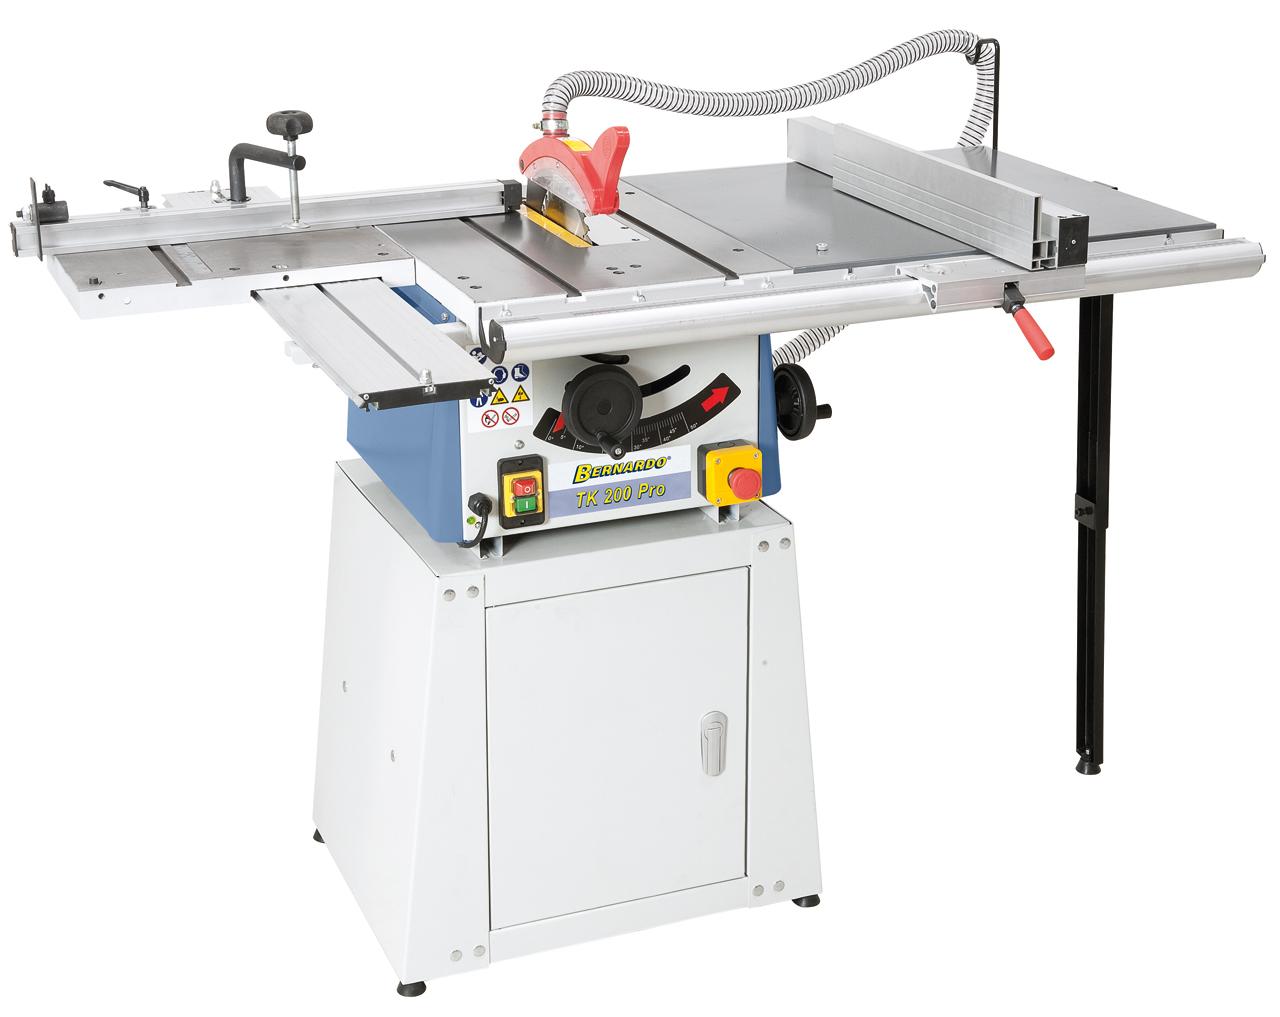 Widok TK 200 PRO w stół rolkowy, przedłużenie stołu i dolna część  maszyny zamknięta.